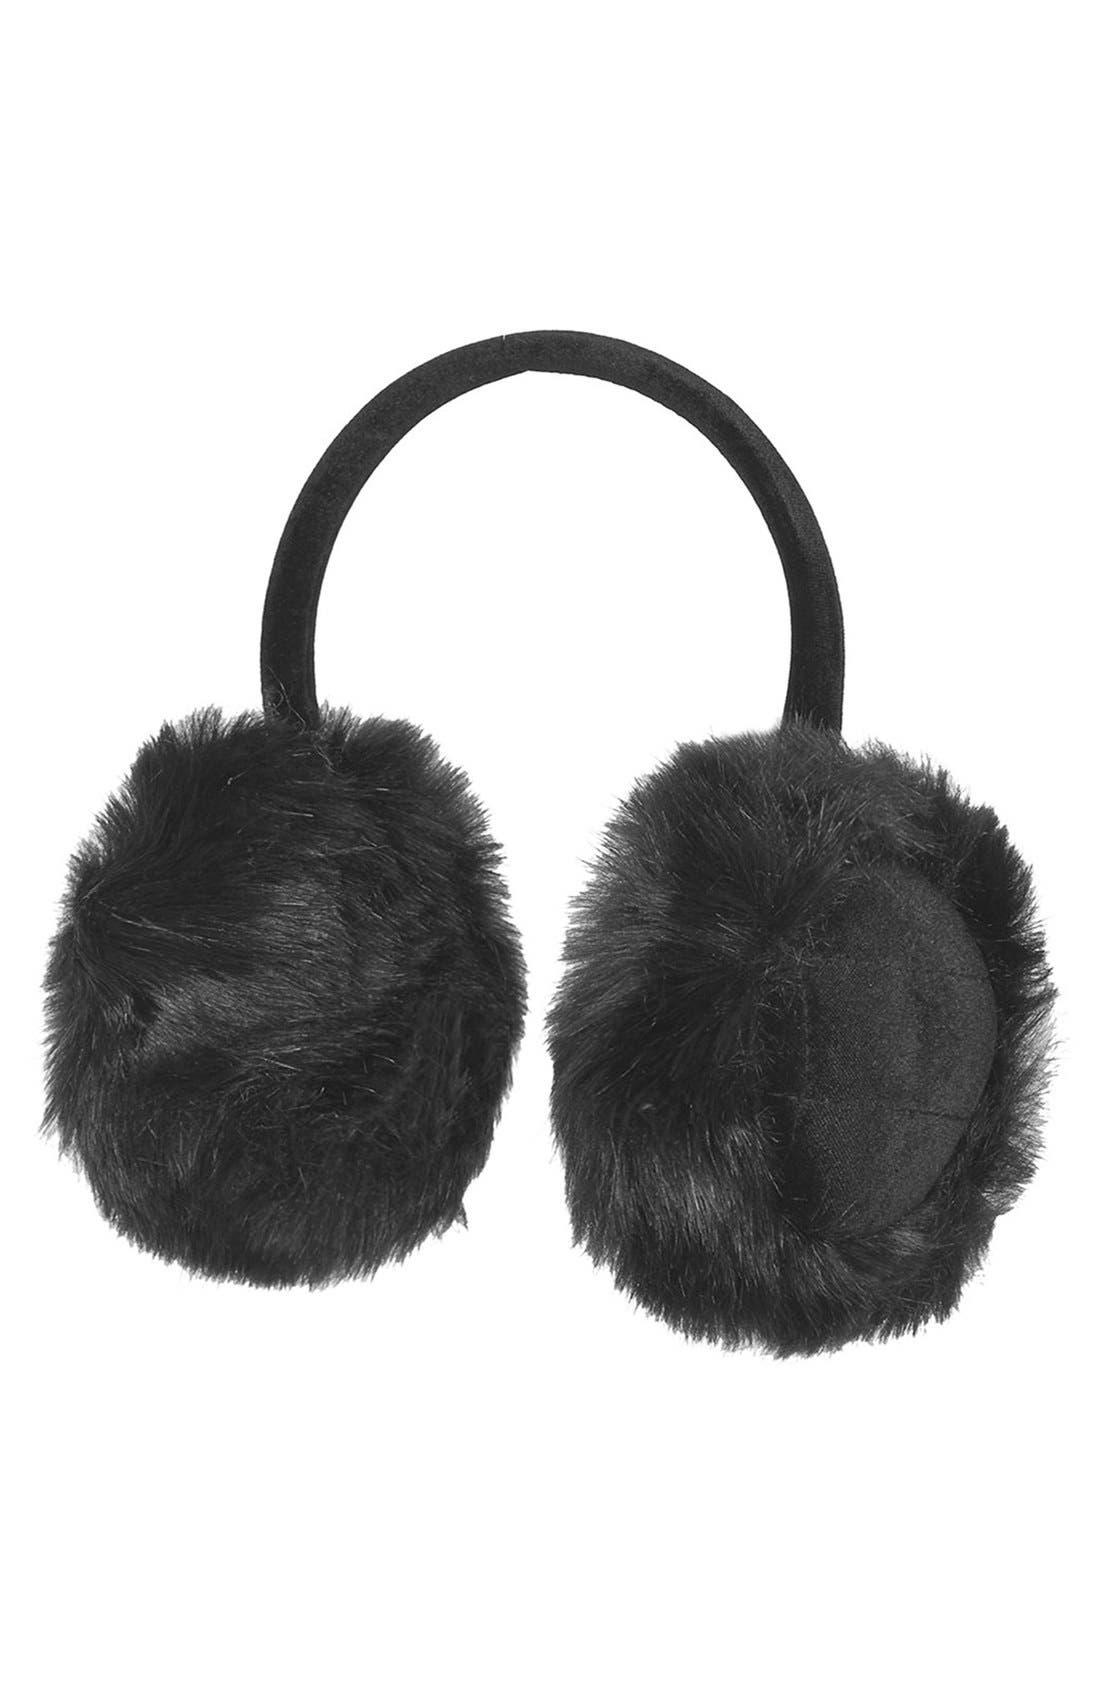 TOPSHOP 'Core' Faux Fur Earmuffs, Main, color, 001